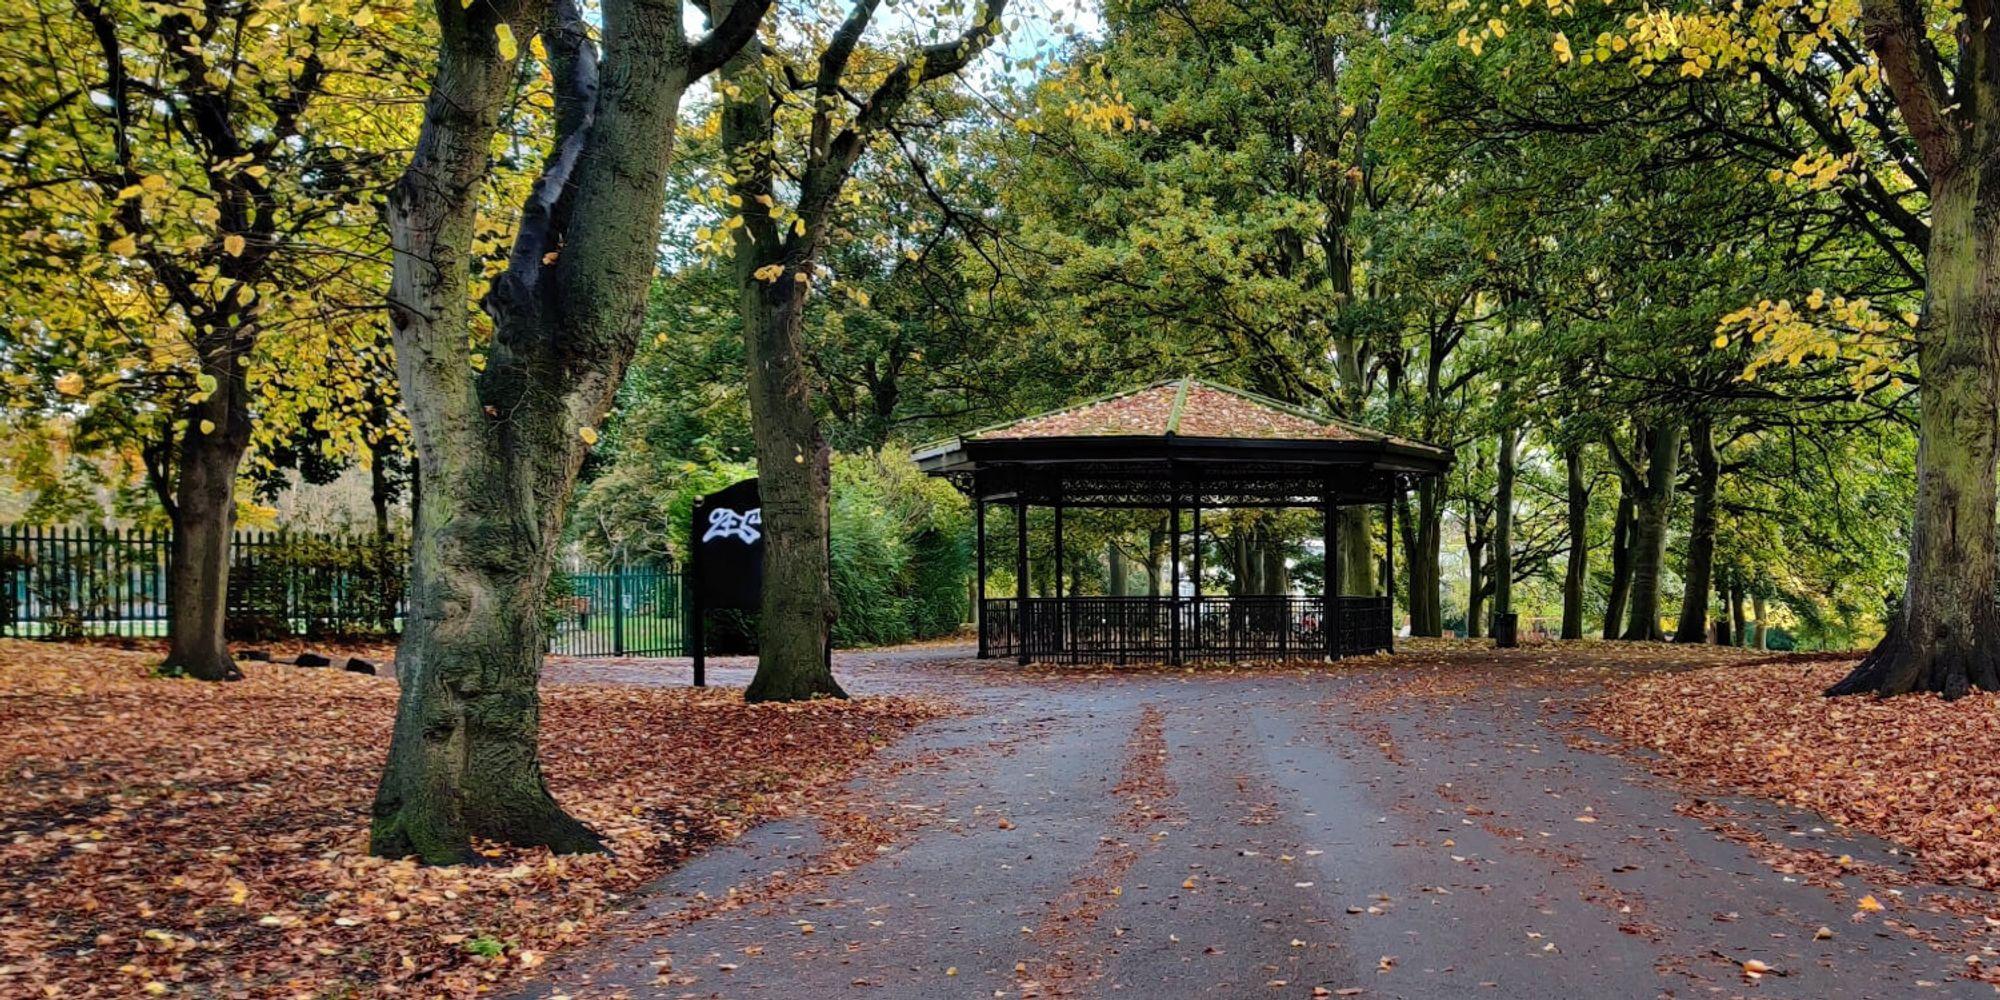 Burley Park Bandstand/Shelter